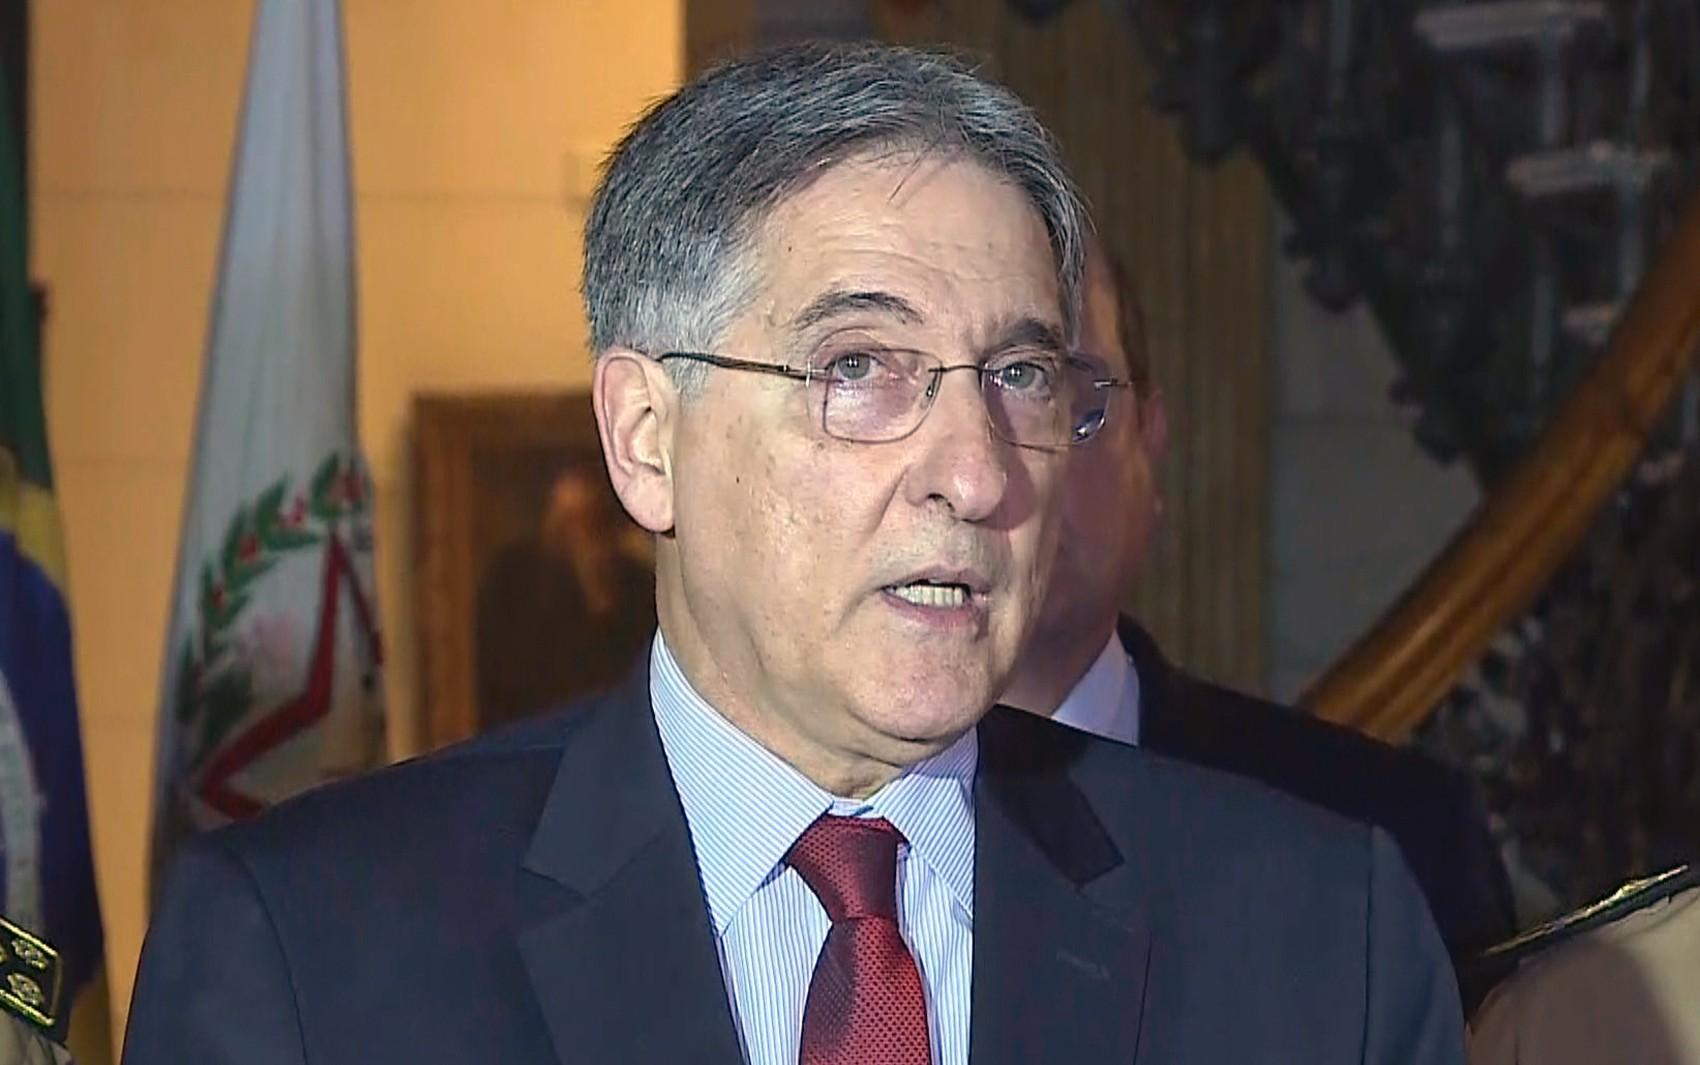 Ex-governador Fernando Pimentel é indiciado por peculado em desvio de quase R$ 1 bi de empréstimos consignados